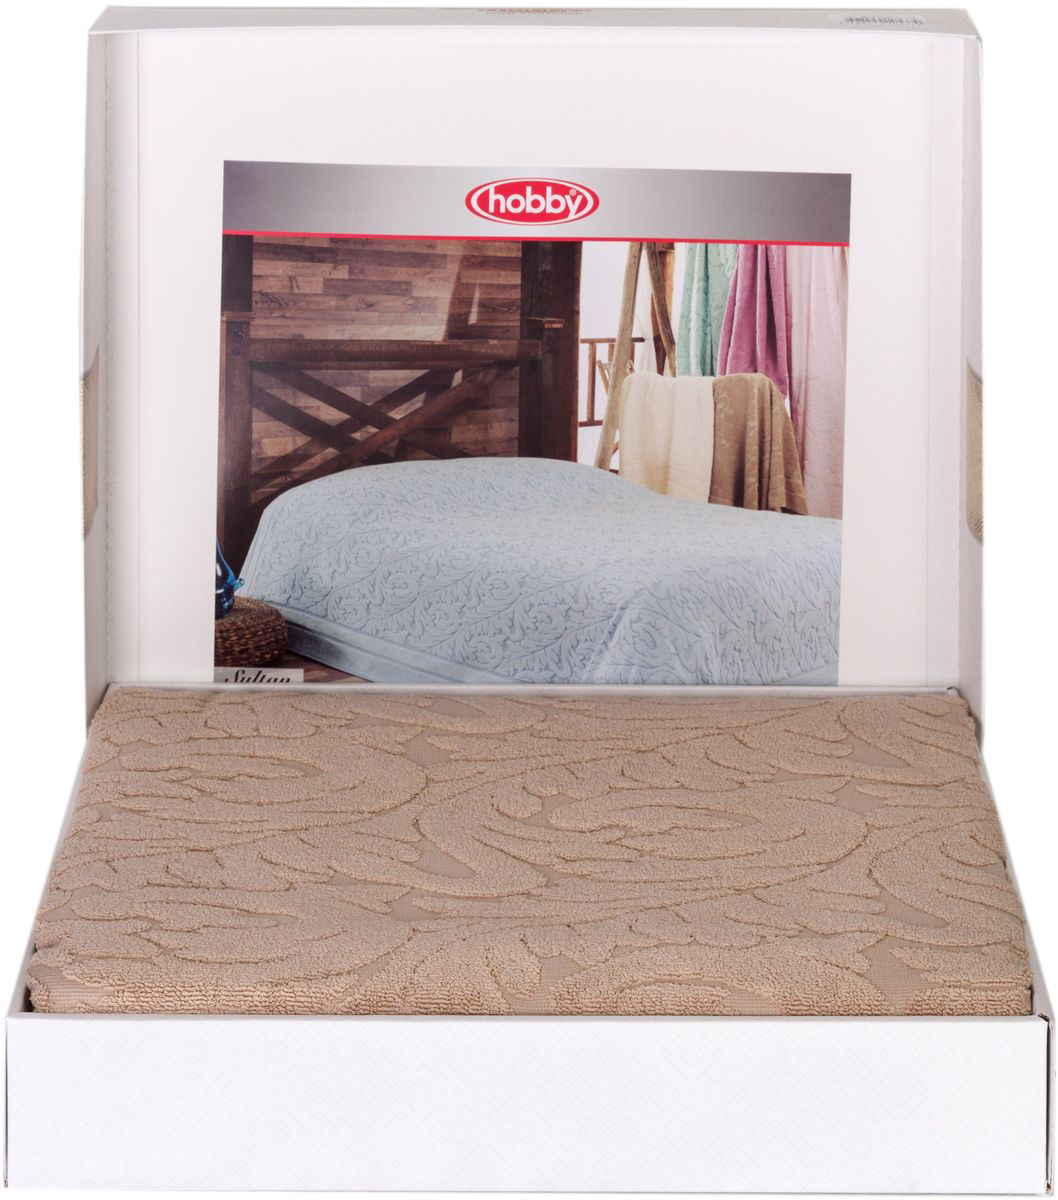 Покрывало Hobby Home Collection Sultan, цвет: бежевый, 200 х 220 смFD-59Шикарное покрывало Hobby Home Collection Sultan изготовлено из 100% хлопка высшей категории. Оно обладает замечательными дышащими свойствами и будет хорошо смотреться как на диване, так и на большой кровати. Данное покрывало можно также использовать в качестве одеяла.